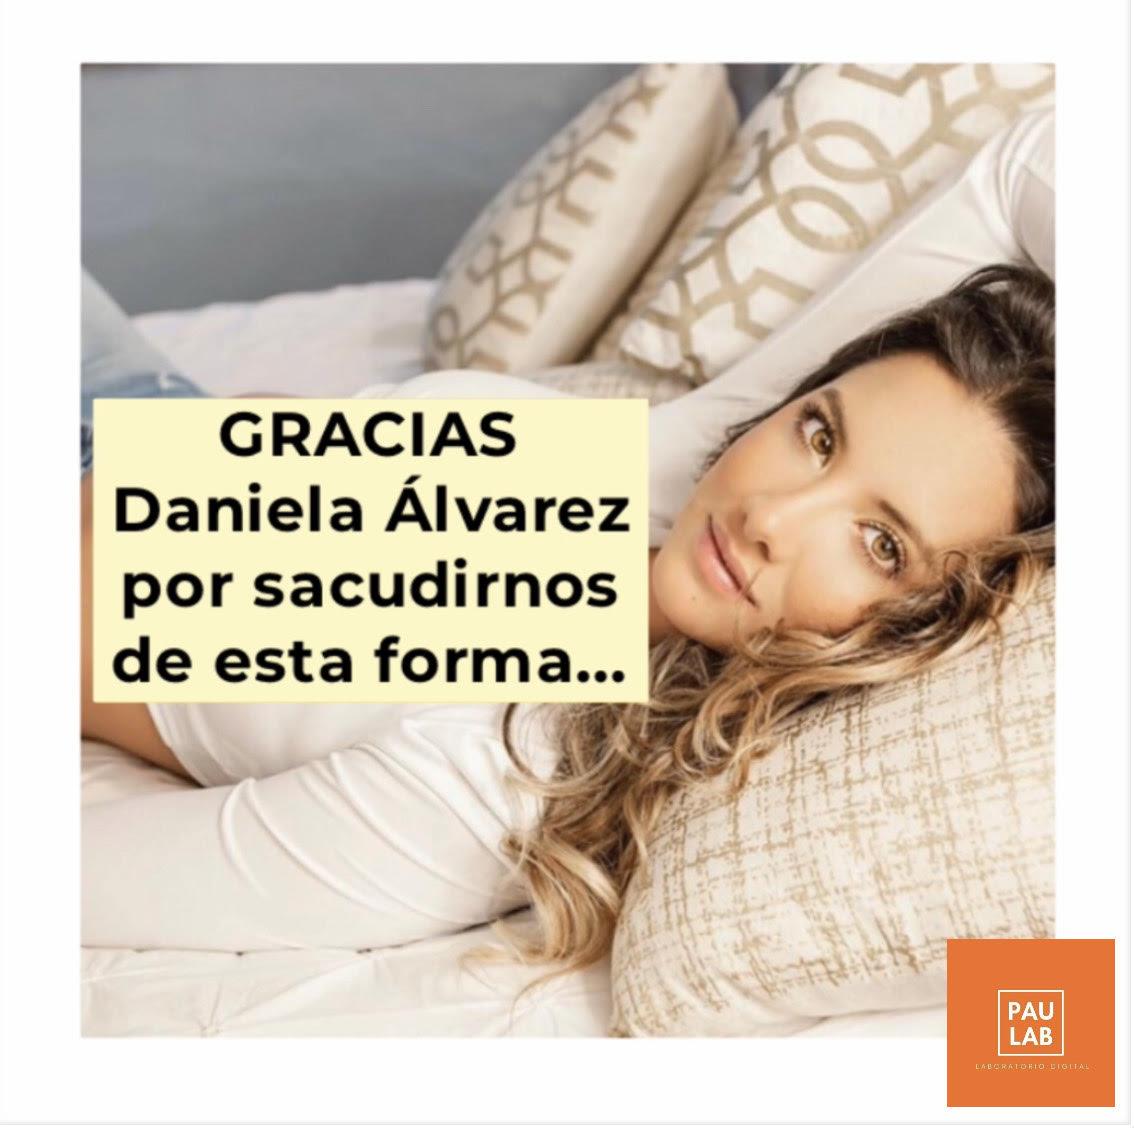 Gracias Daniela Álvarez por sacudirnos de esta forma